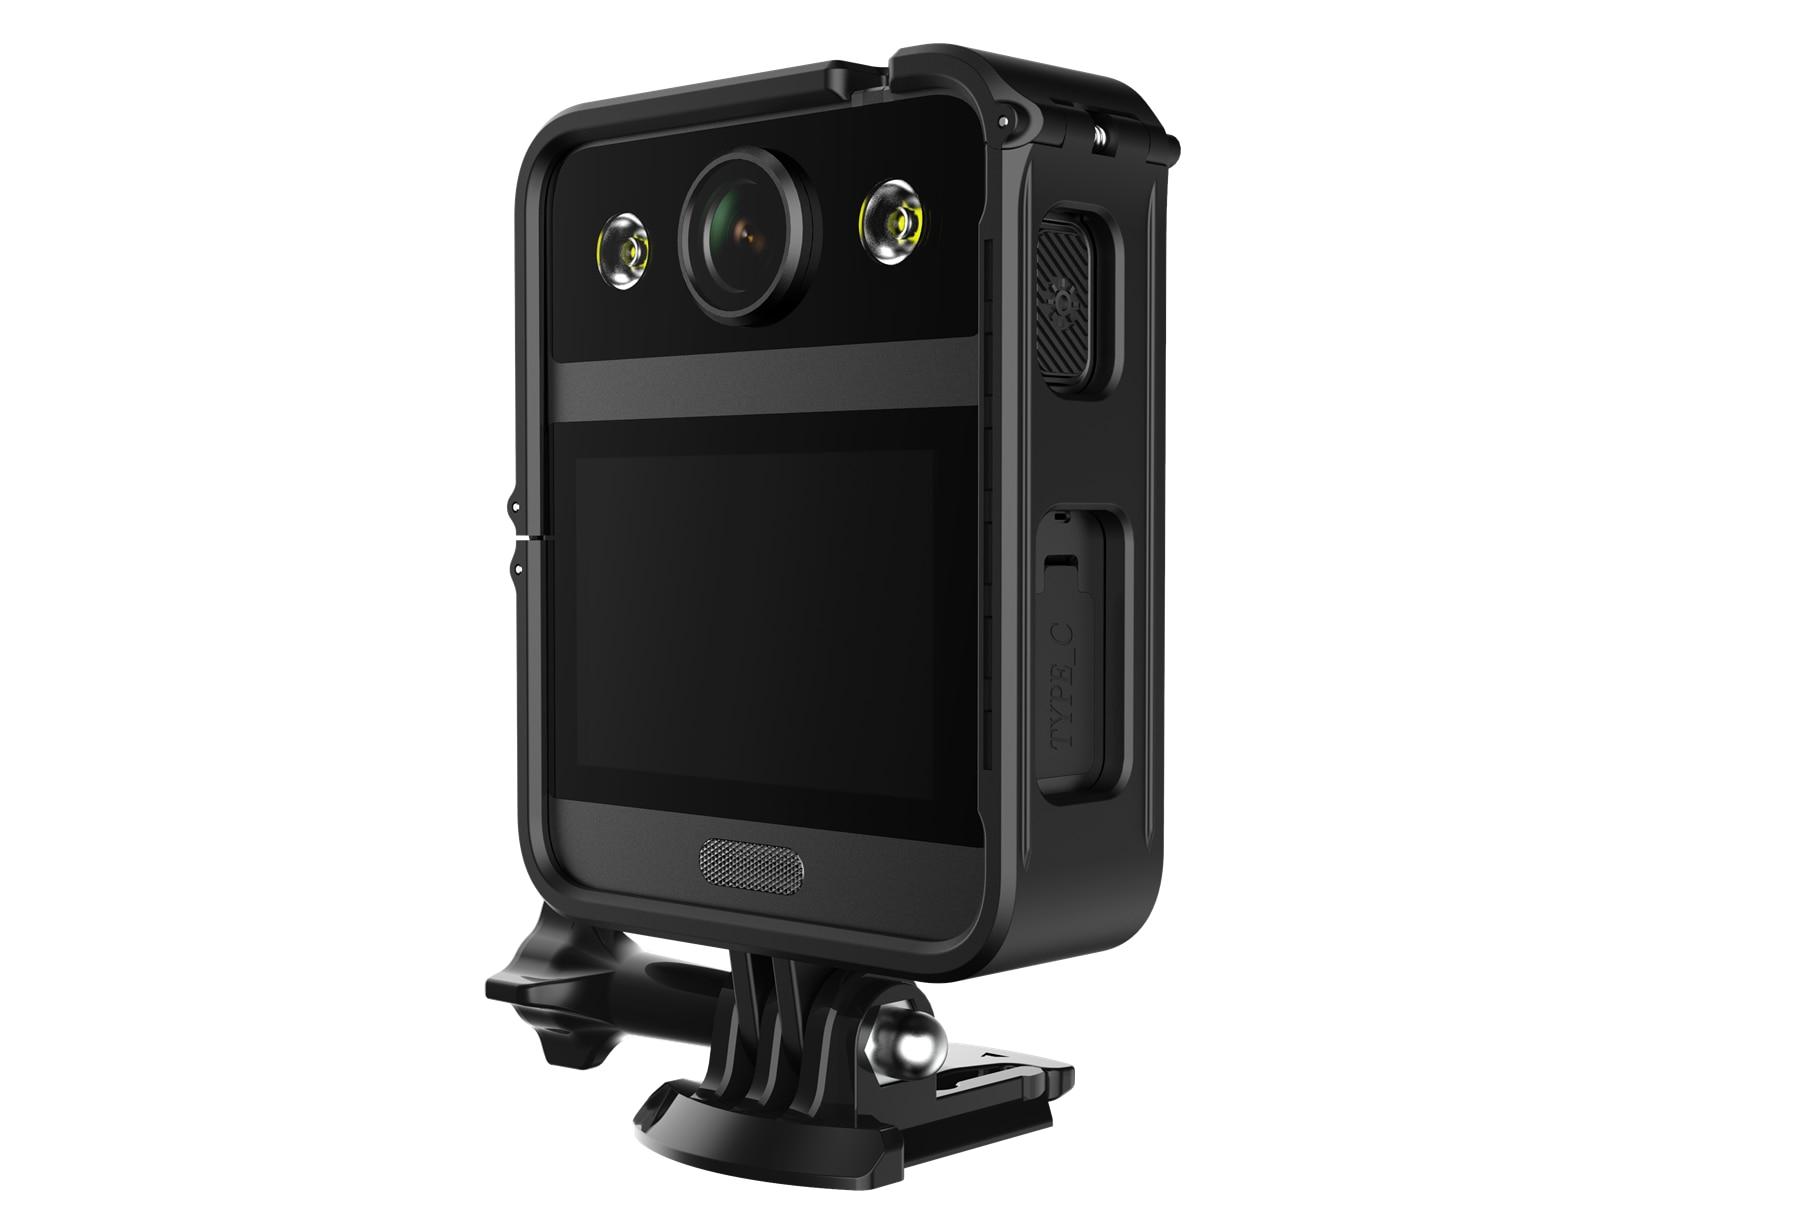 Cámara corporal portátil SJCAM A20, minicámara DV con pantalla táctil y visión...